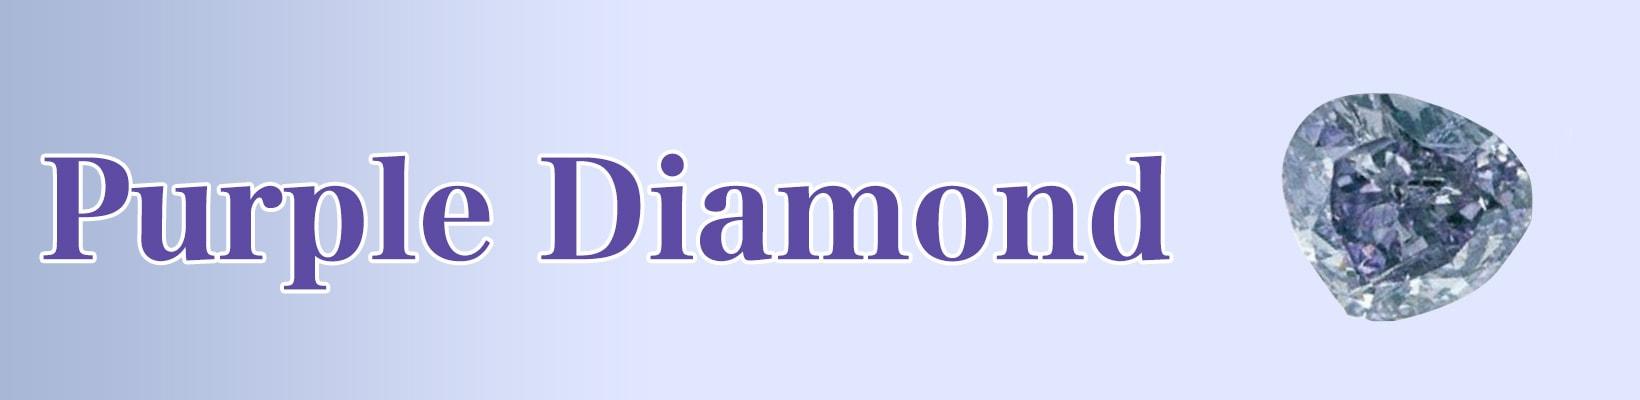 気品溢れるパープルダイヤモンド